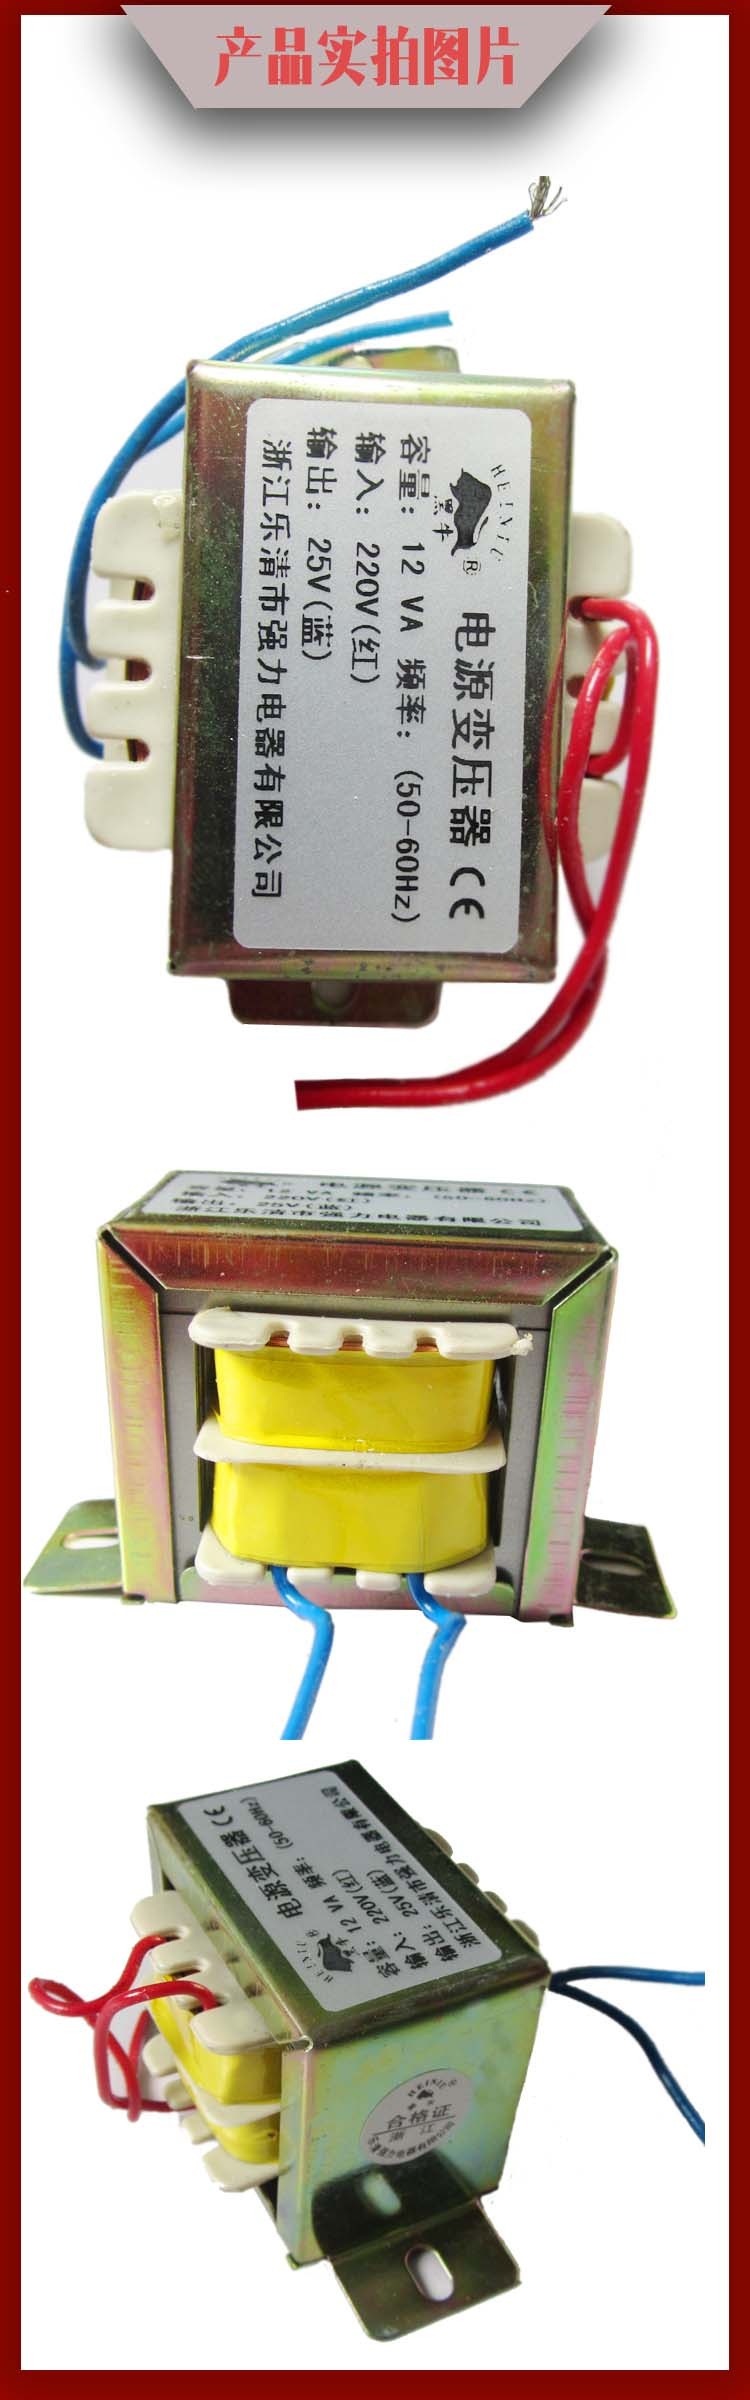 小型电源变压器-26